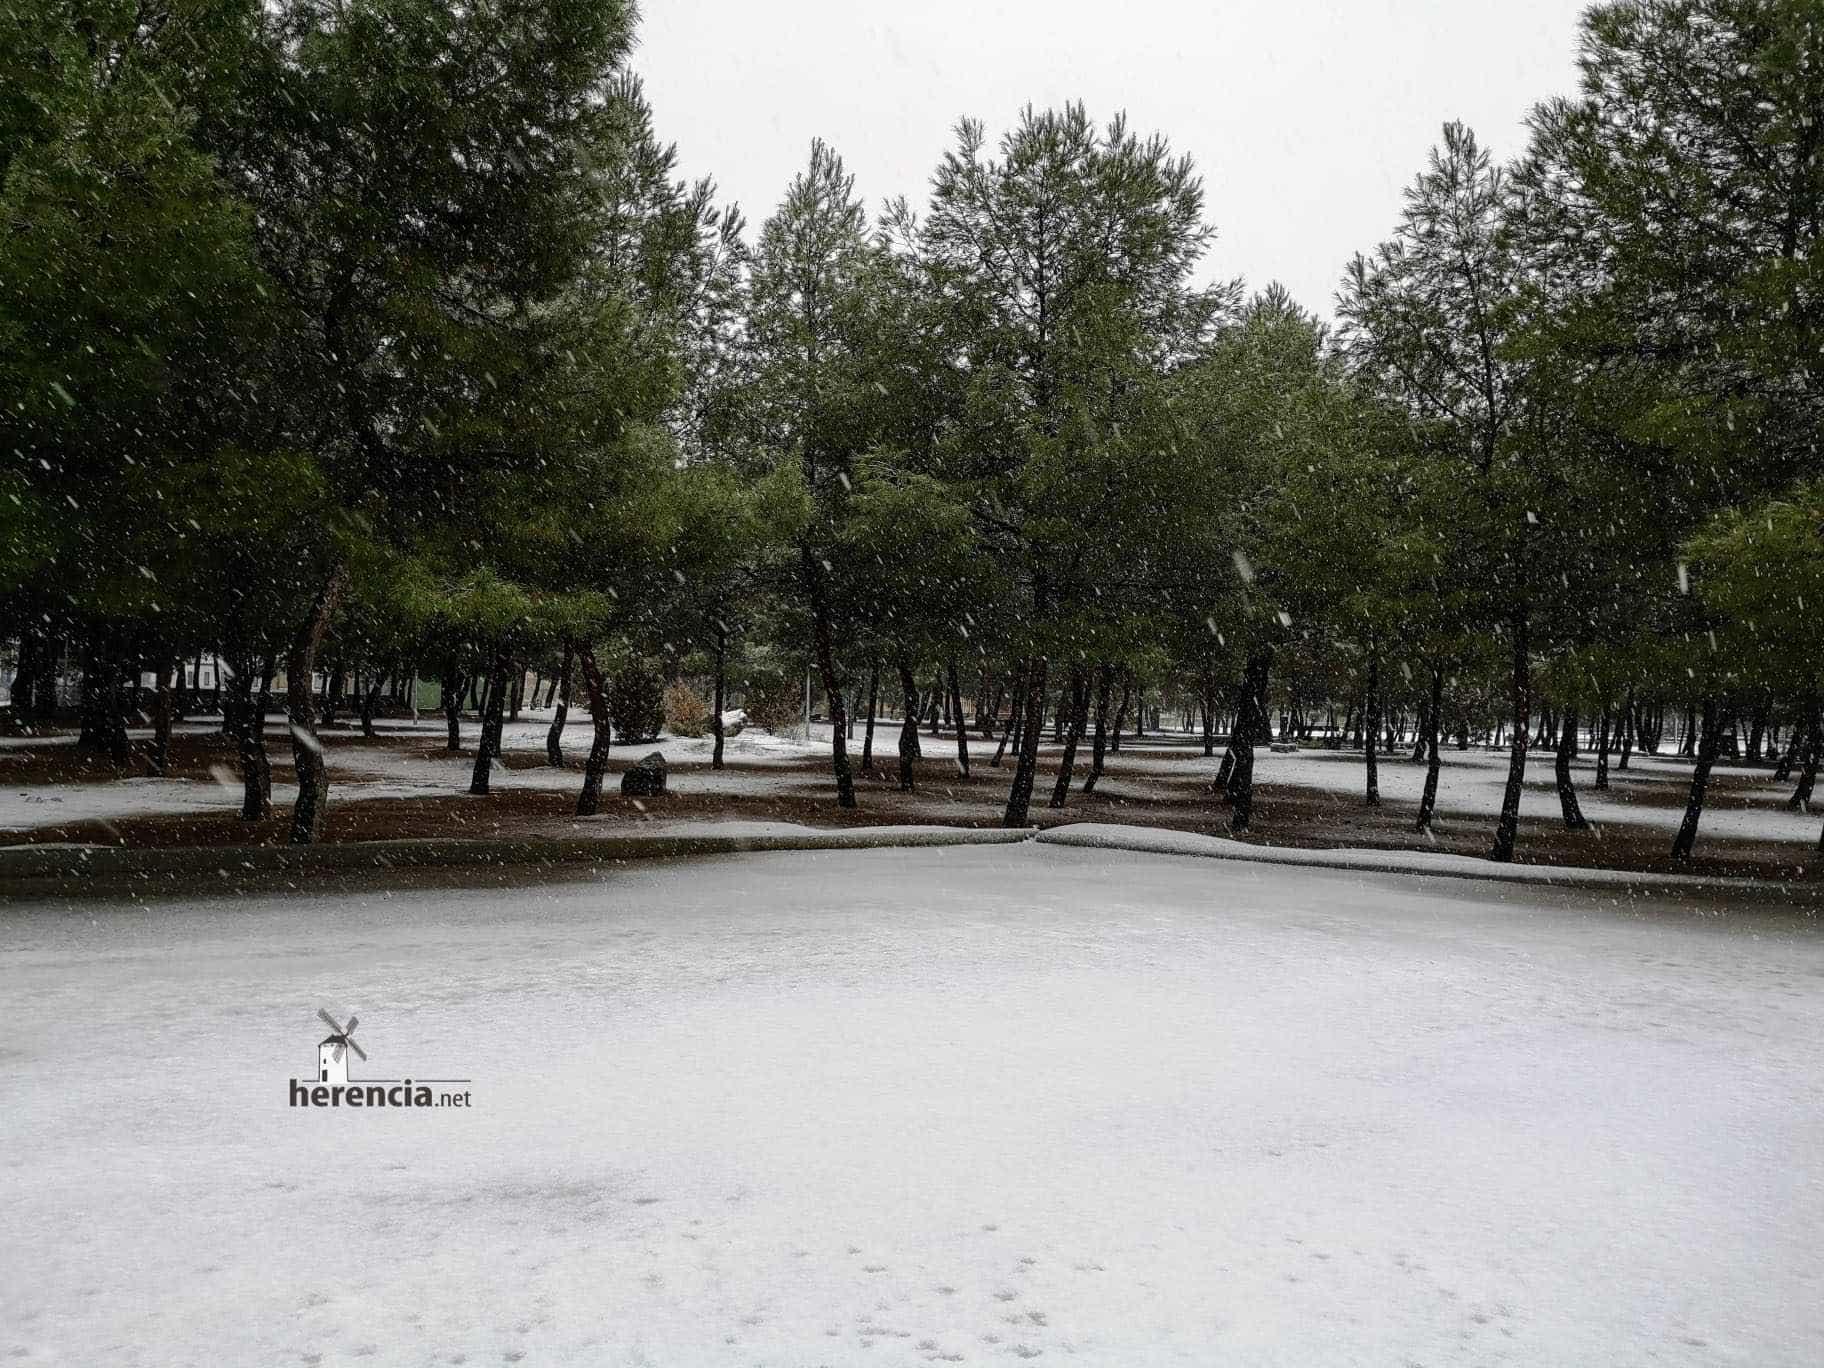 Las nevadas llegan Herencia y a toda Castilla-La Mancha (actualizado) 101